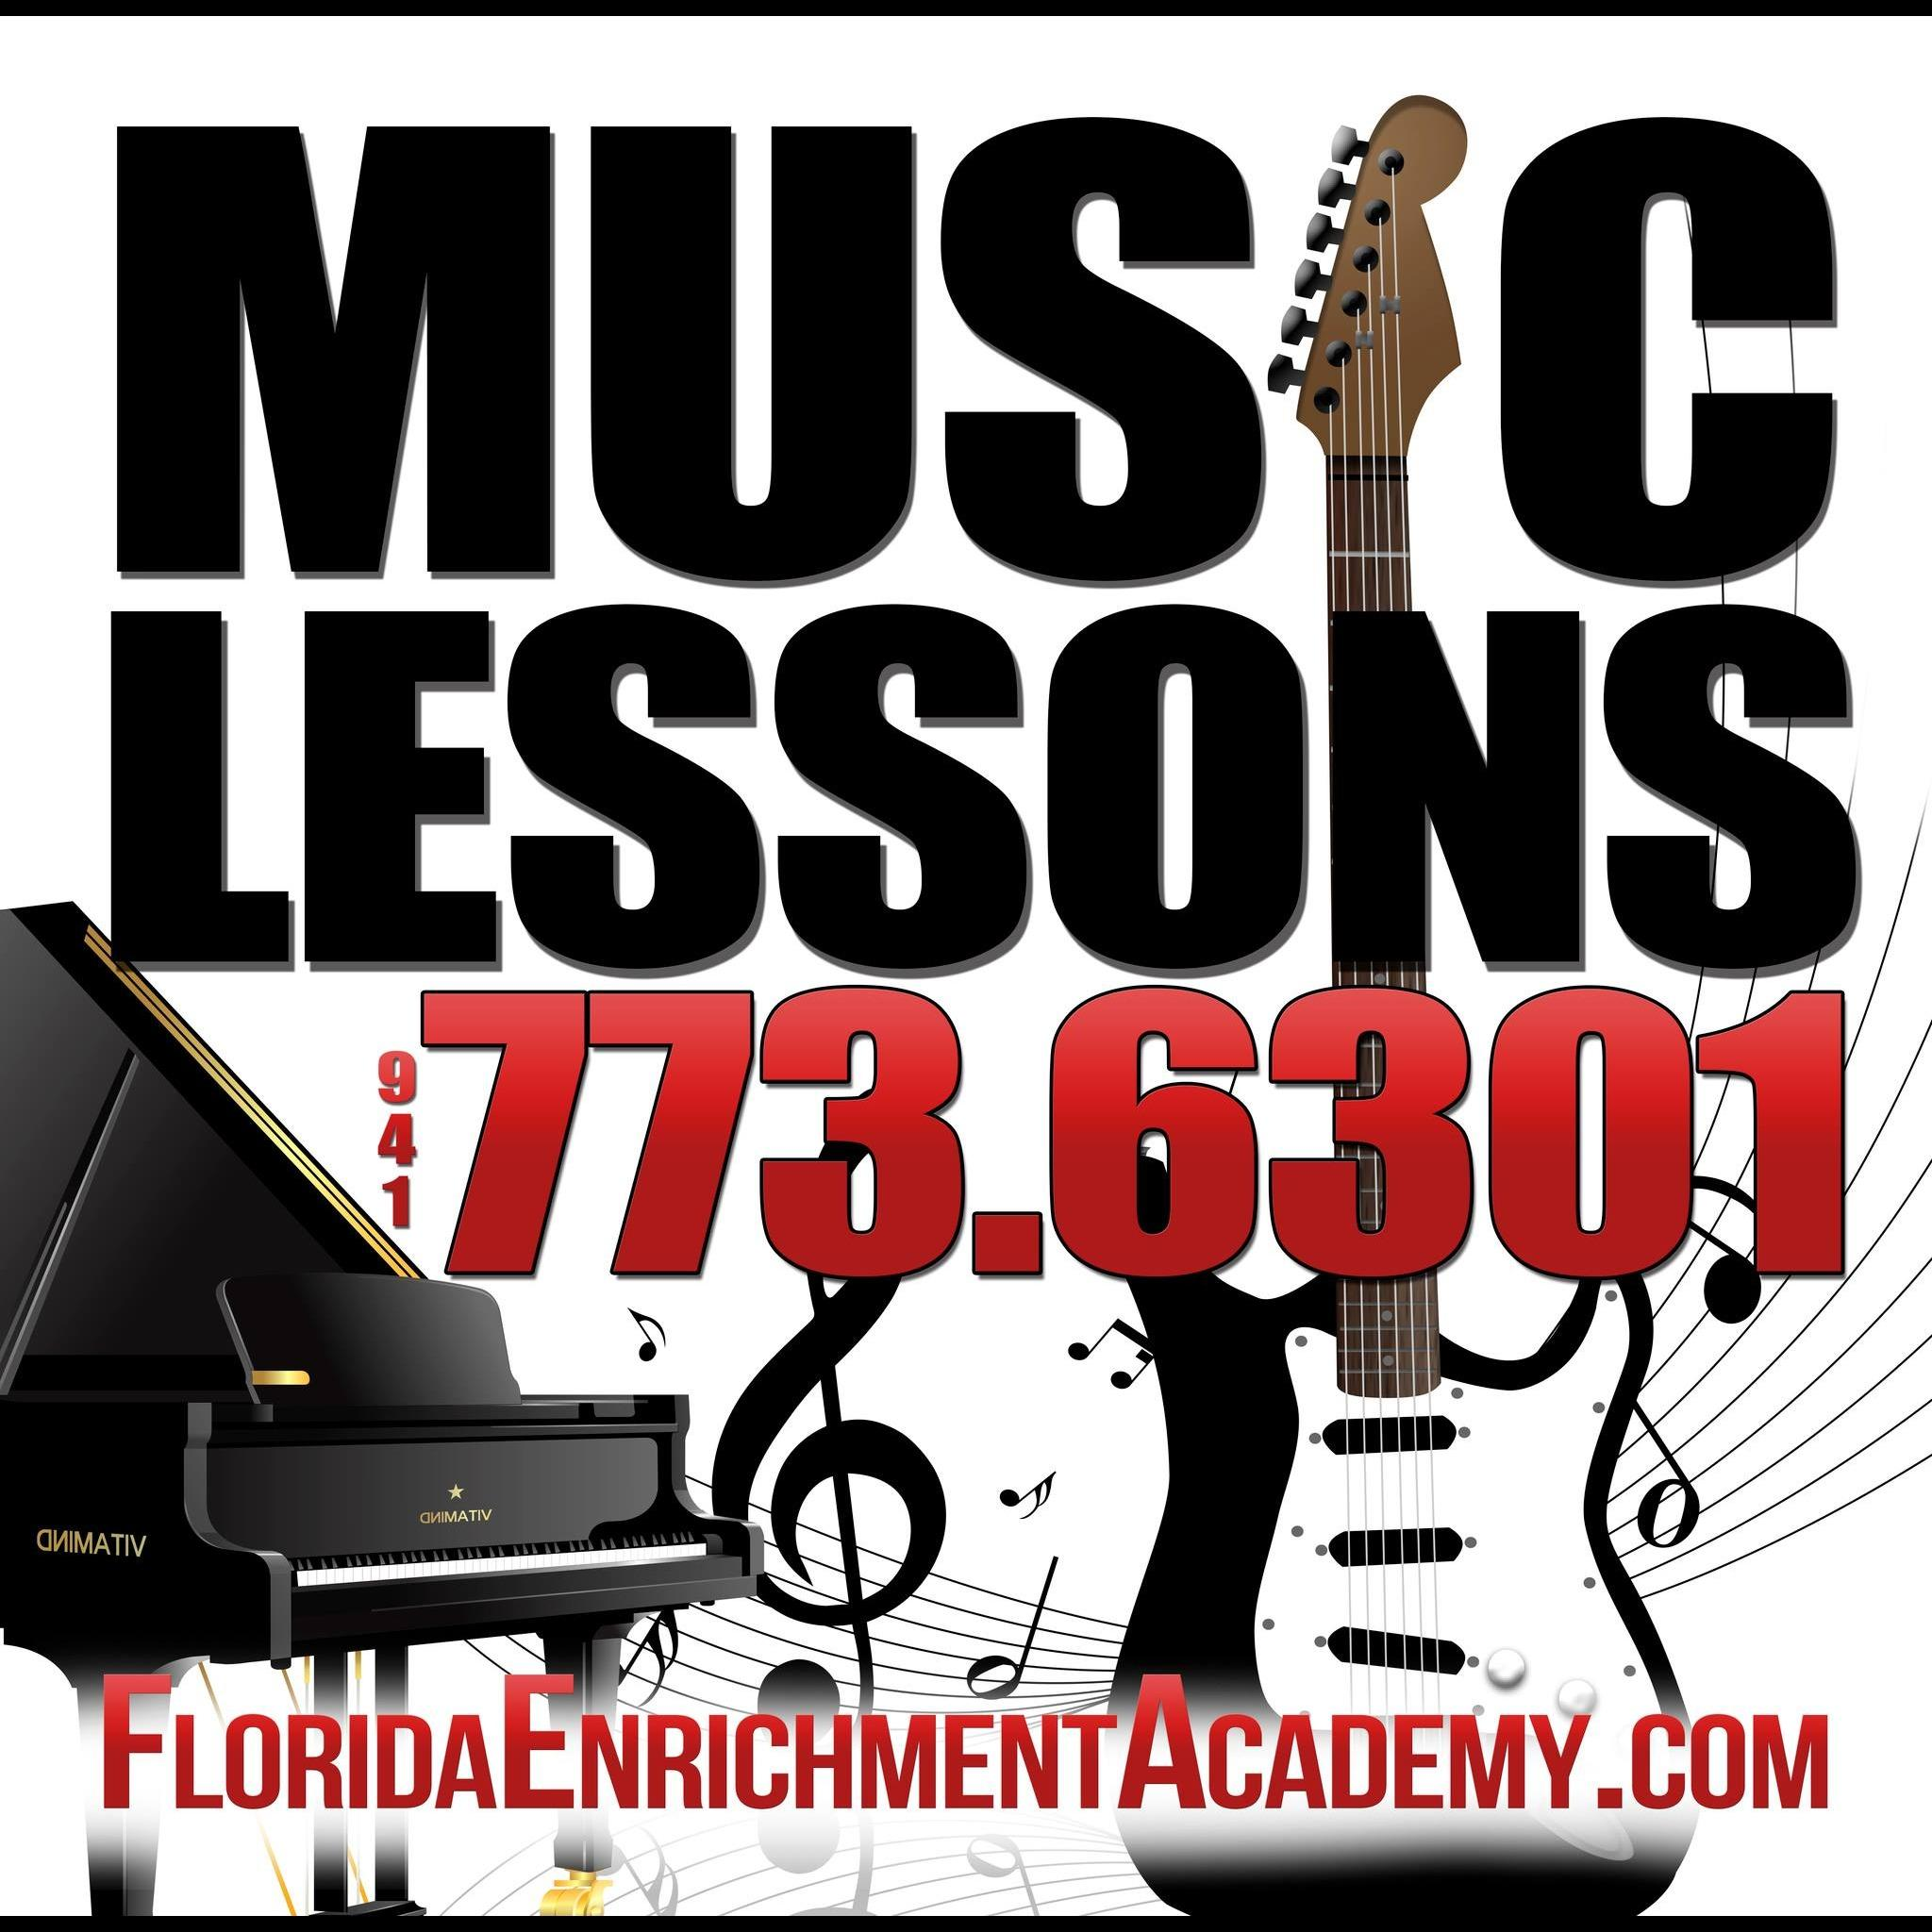 Florida Enrichment Academy